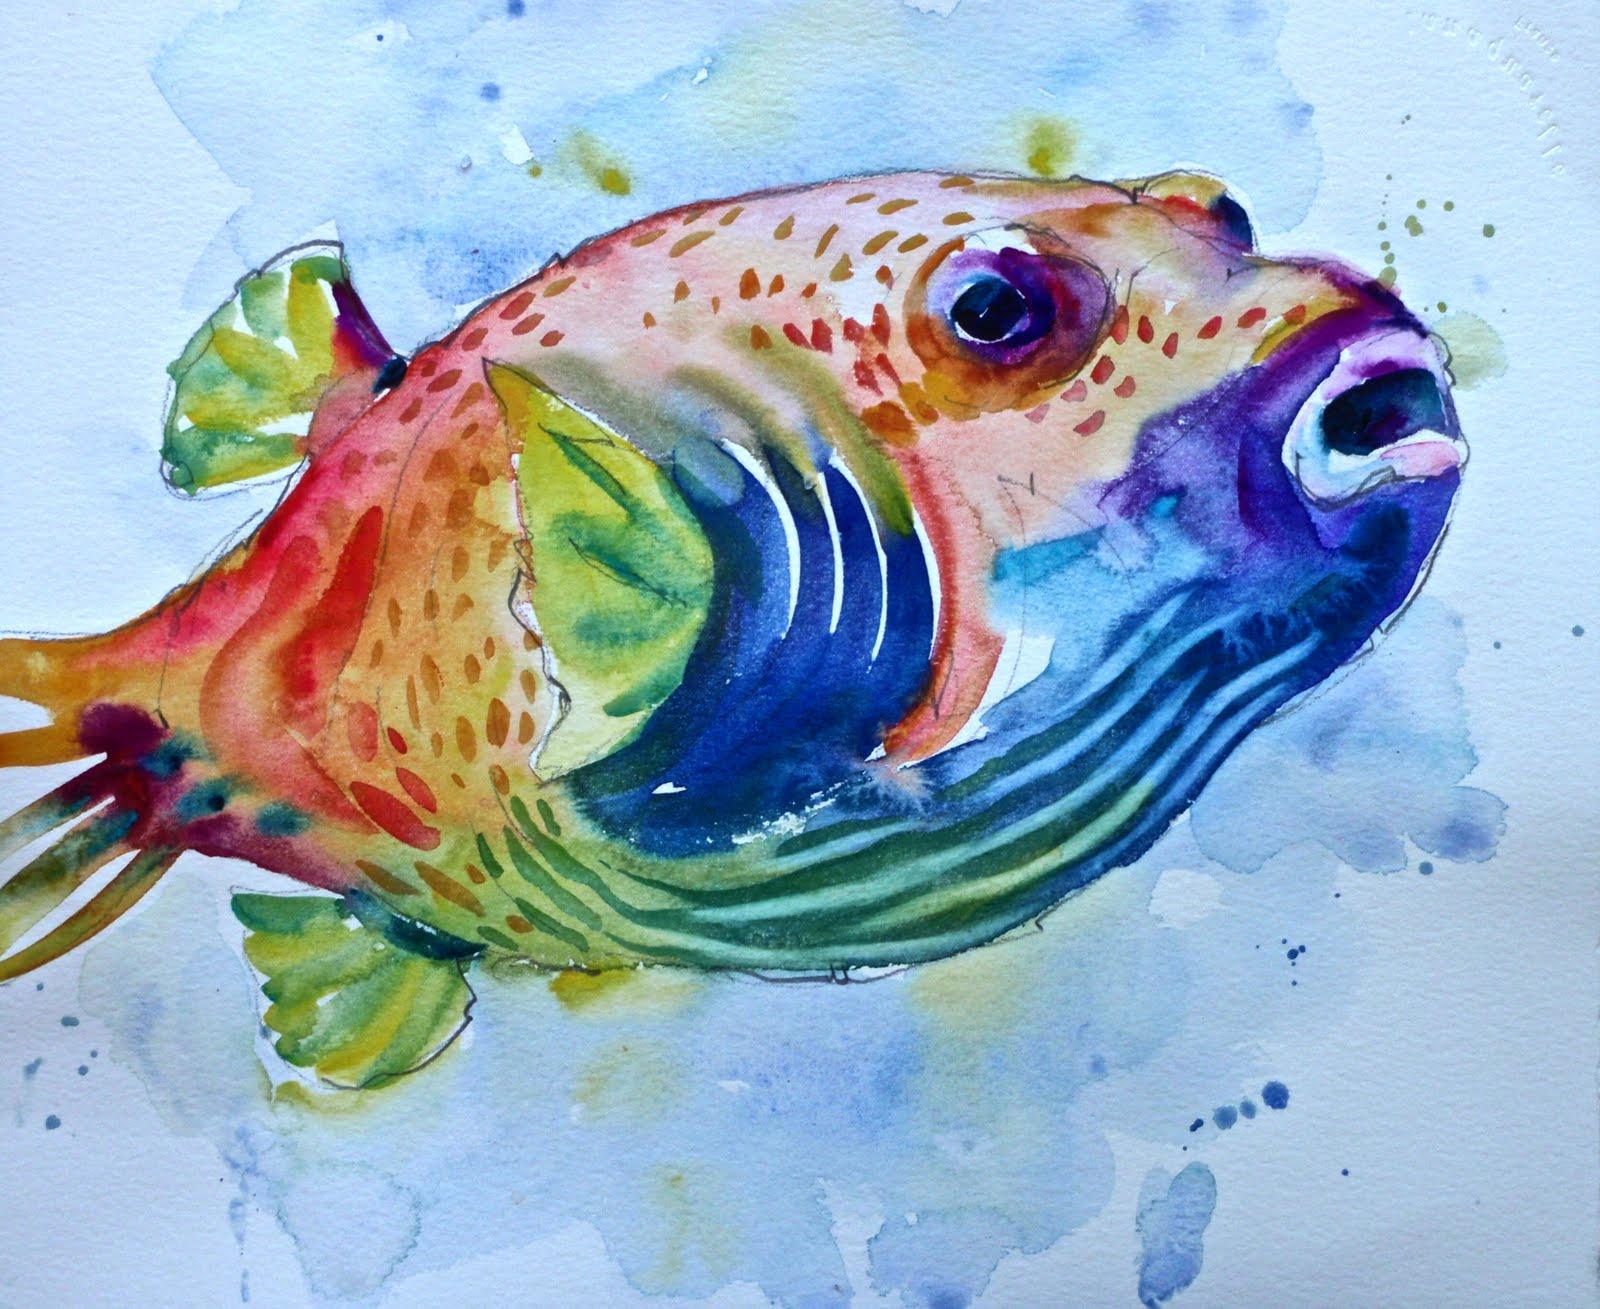 David lobenberg more fish in my net for Watercolor fish painting